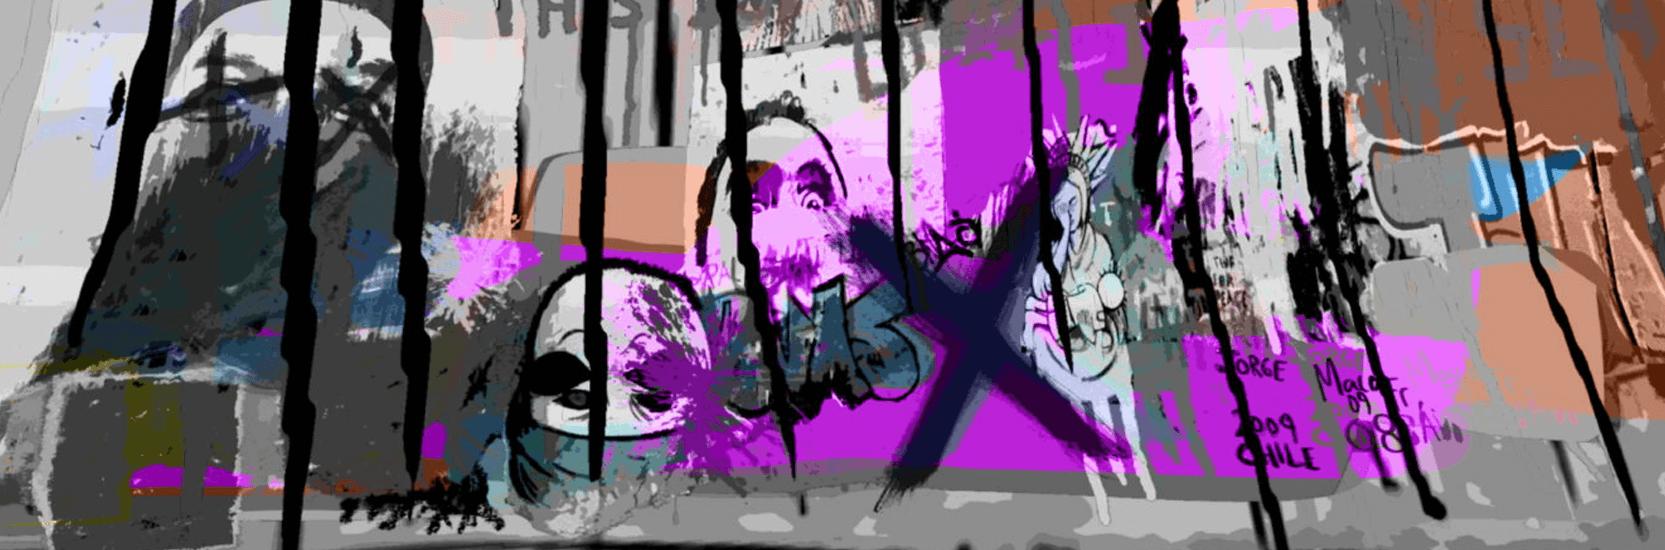 Critique – Le mur